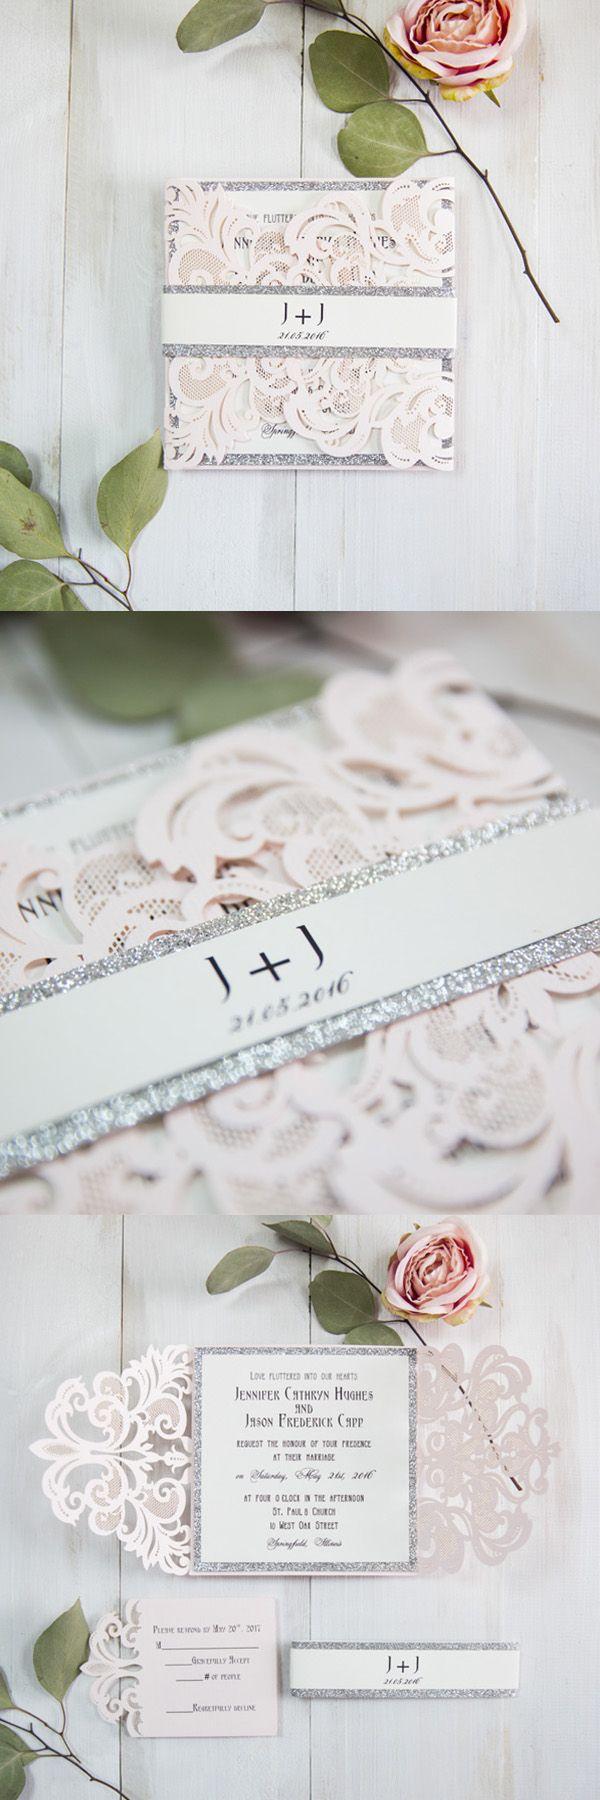 176 best Stylish Wedding Ideas images on Pinterest Invitation